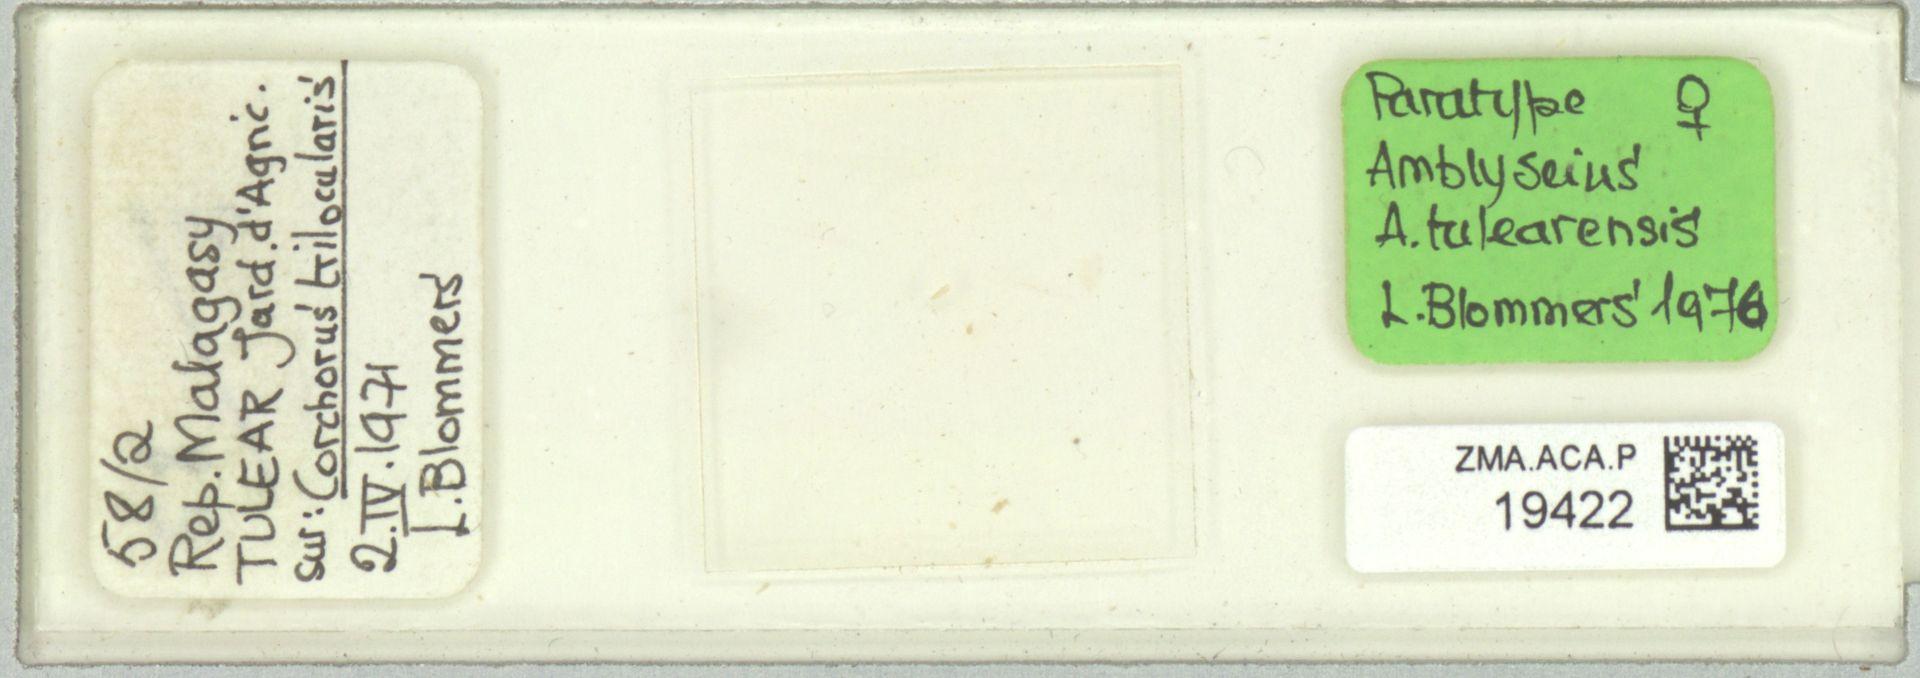 ZMA.ACA.P.19422   Amblyseius (Amblyseius) tulearensis Blommers, 1976